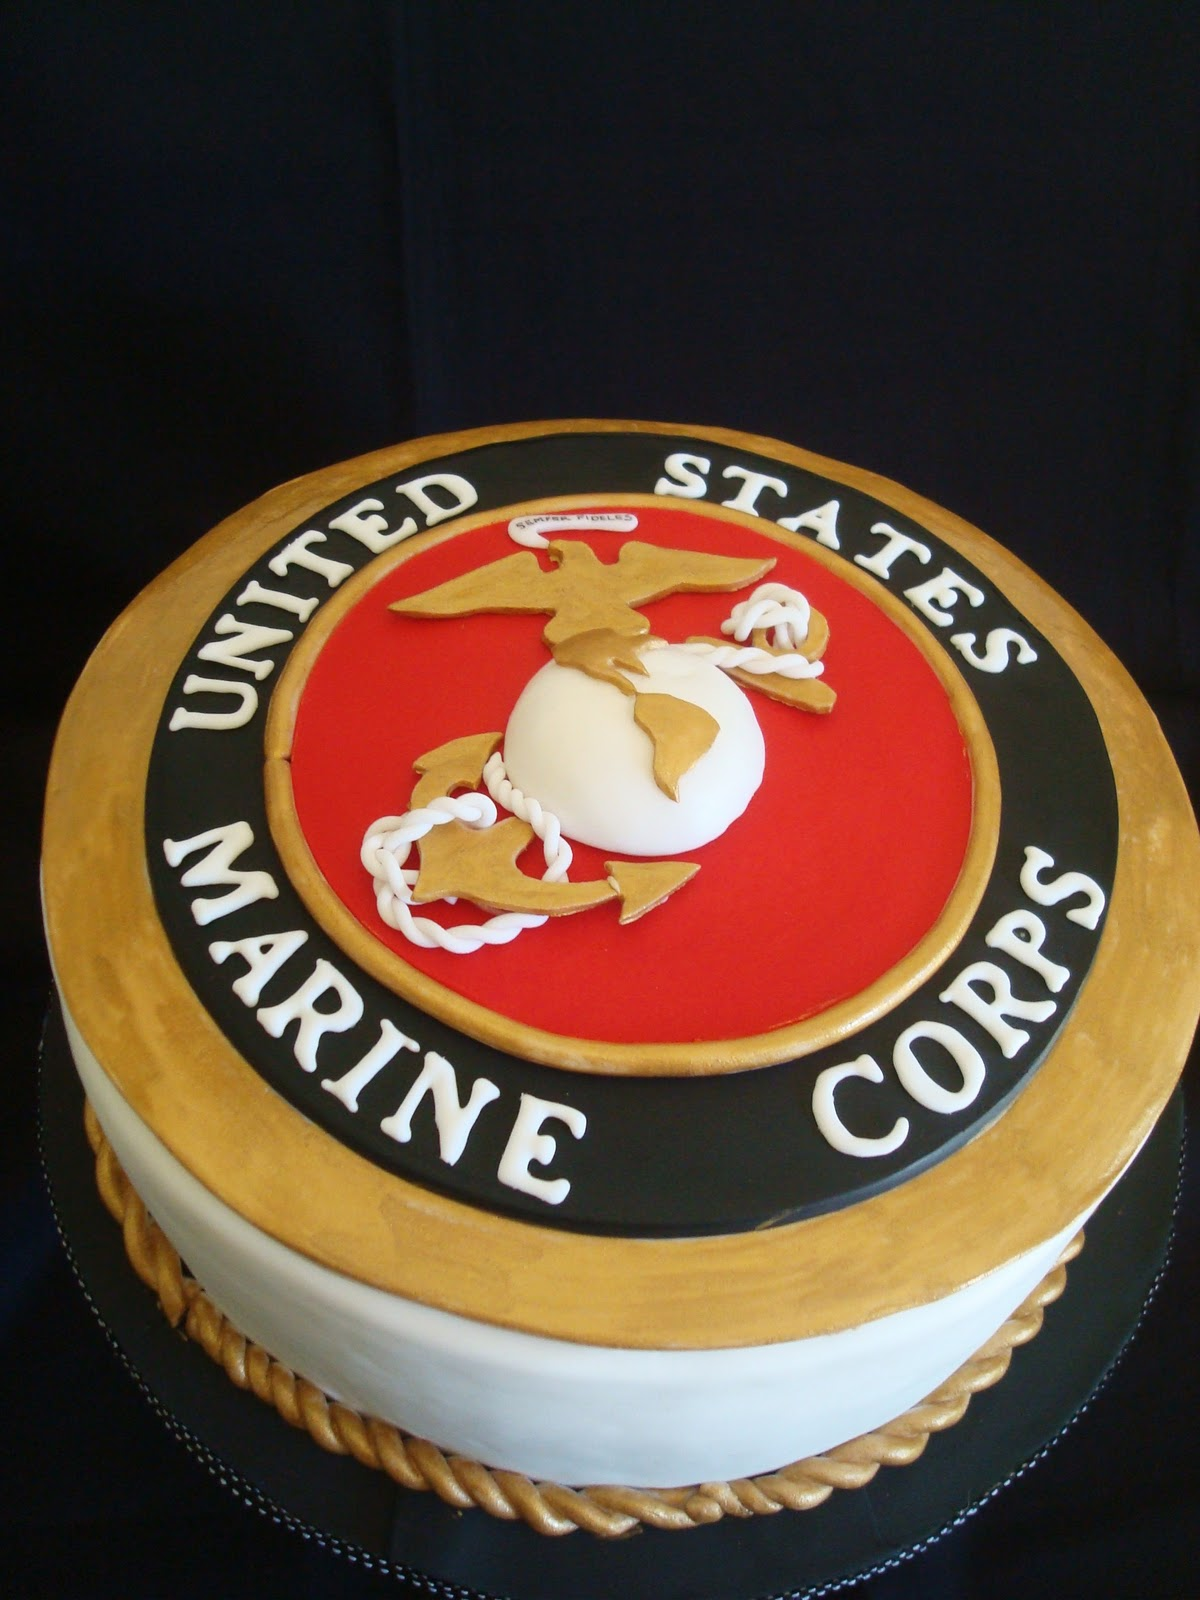 Usmc Birthday Cake Pictures